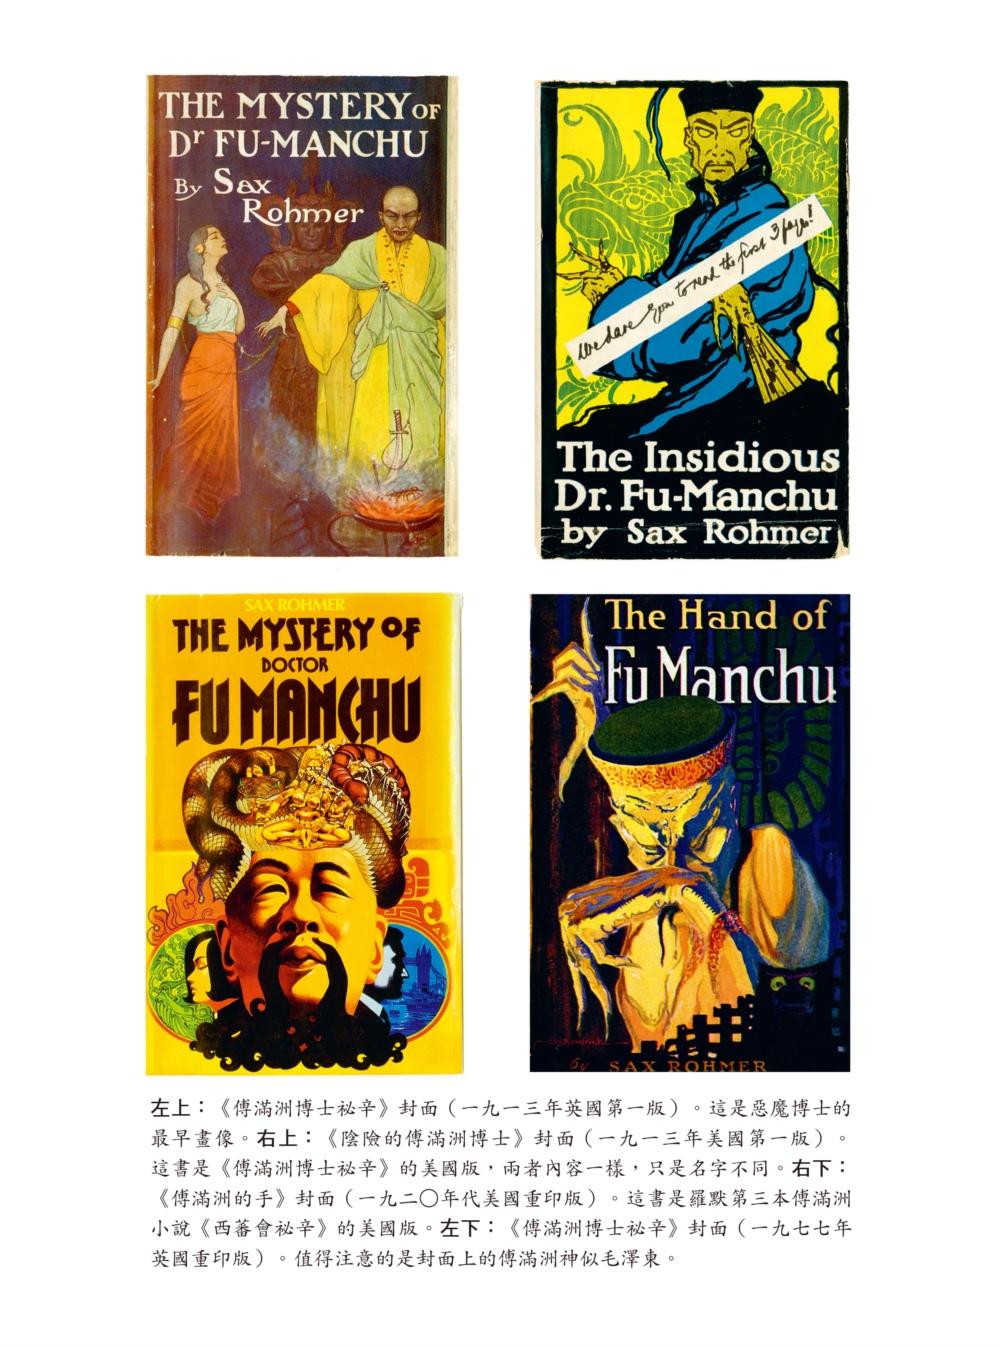 http://im1.book.com.tw/image/getImage?i=http://www.books.com.tw/img/001/077/14/0010771416_b_06.jpg&v=5a28c0f8&w=655&h=609